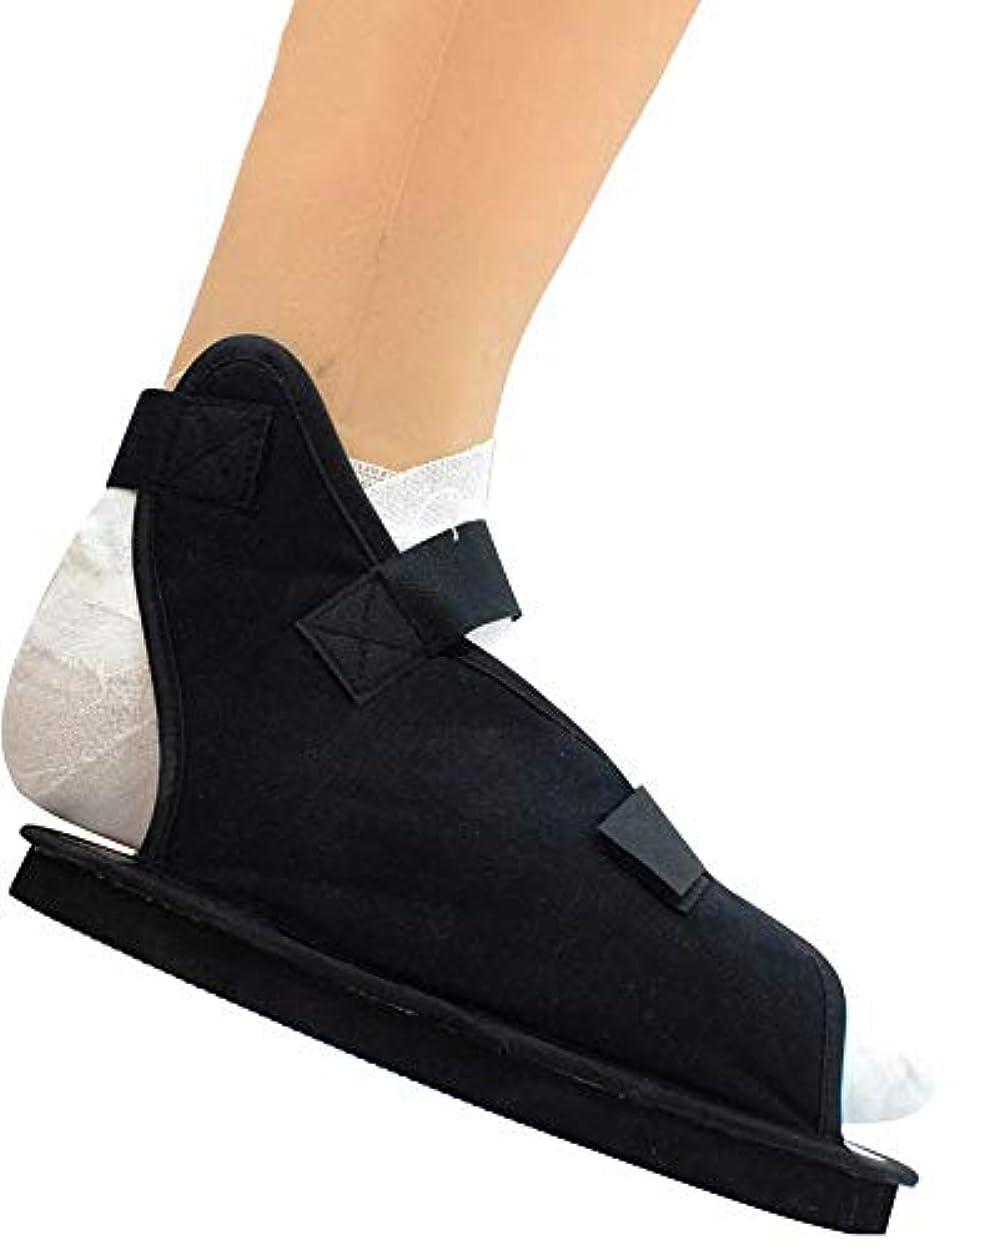 隣接する乳製品噂骨折したつま先/足の骨折のための術後靴 - 男性と女性のための医療/外科用ウォーキングシューズキャストブーツ - /調整可能ストラップ付き整形外科サンダル,XL